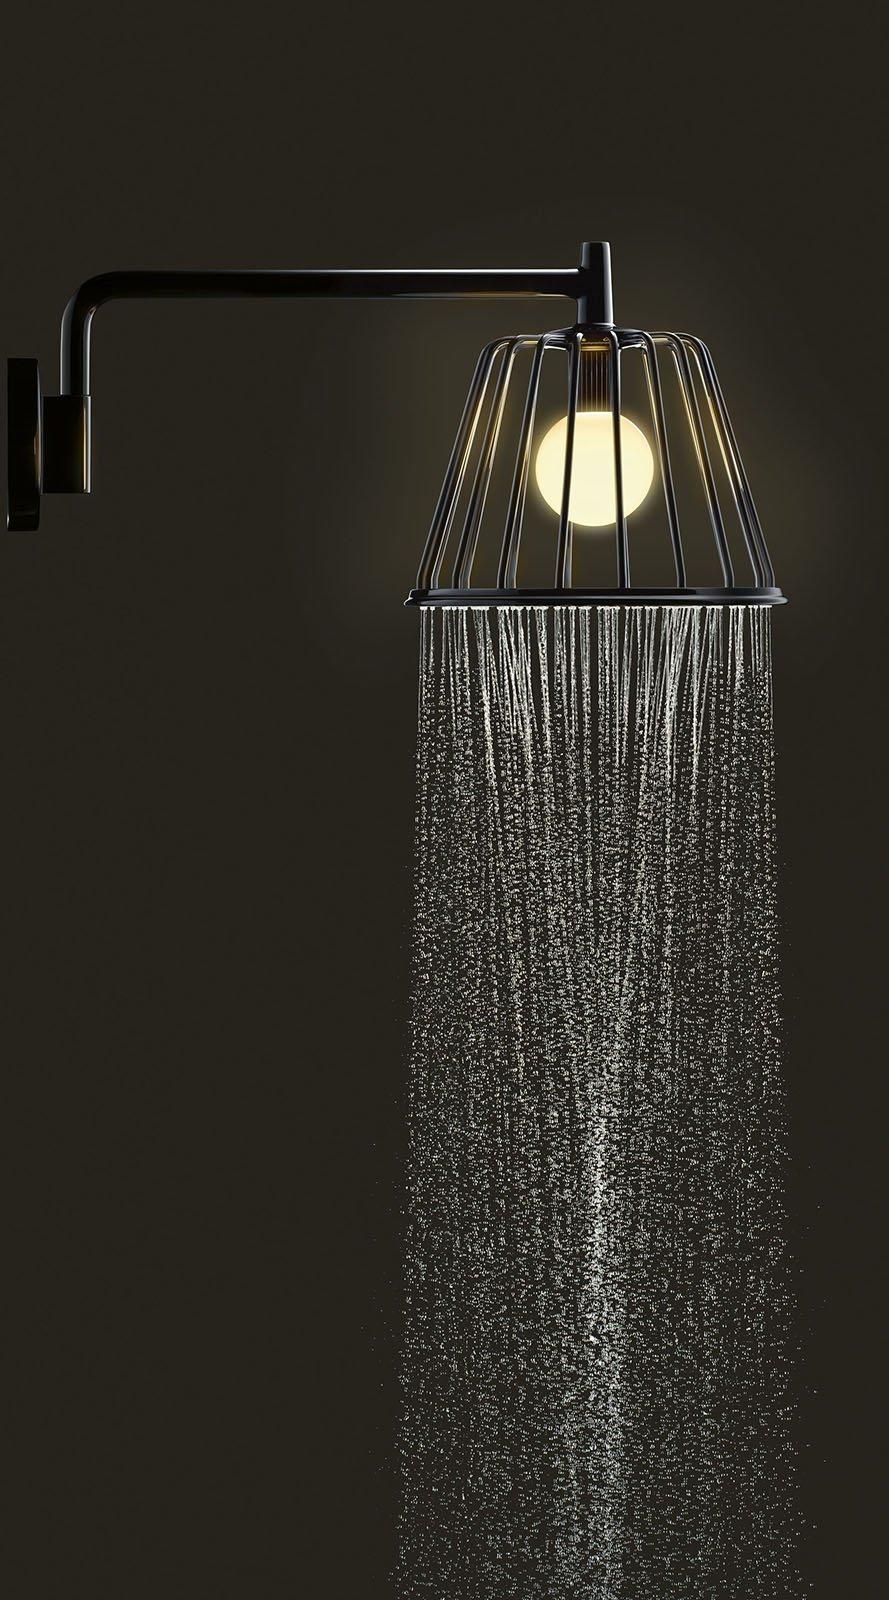 Soffioni per la doccia essenziali e anche luminosi cose di casa - Soffione doccia a soffitto ...